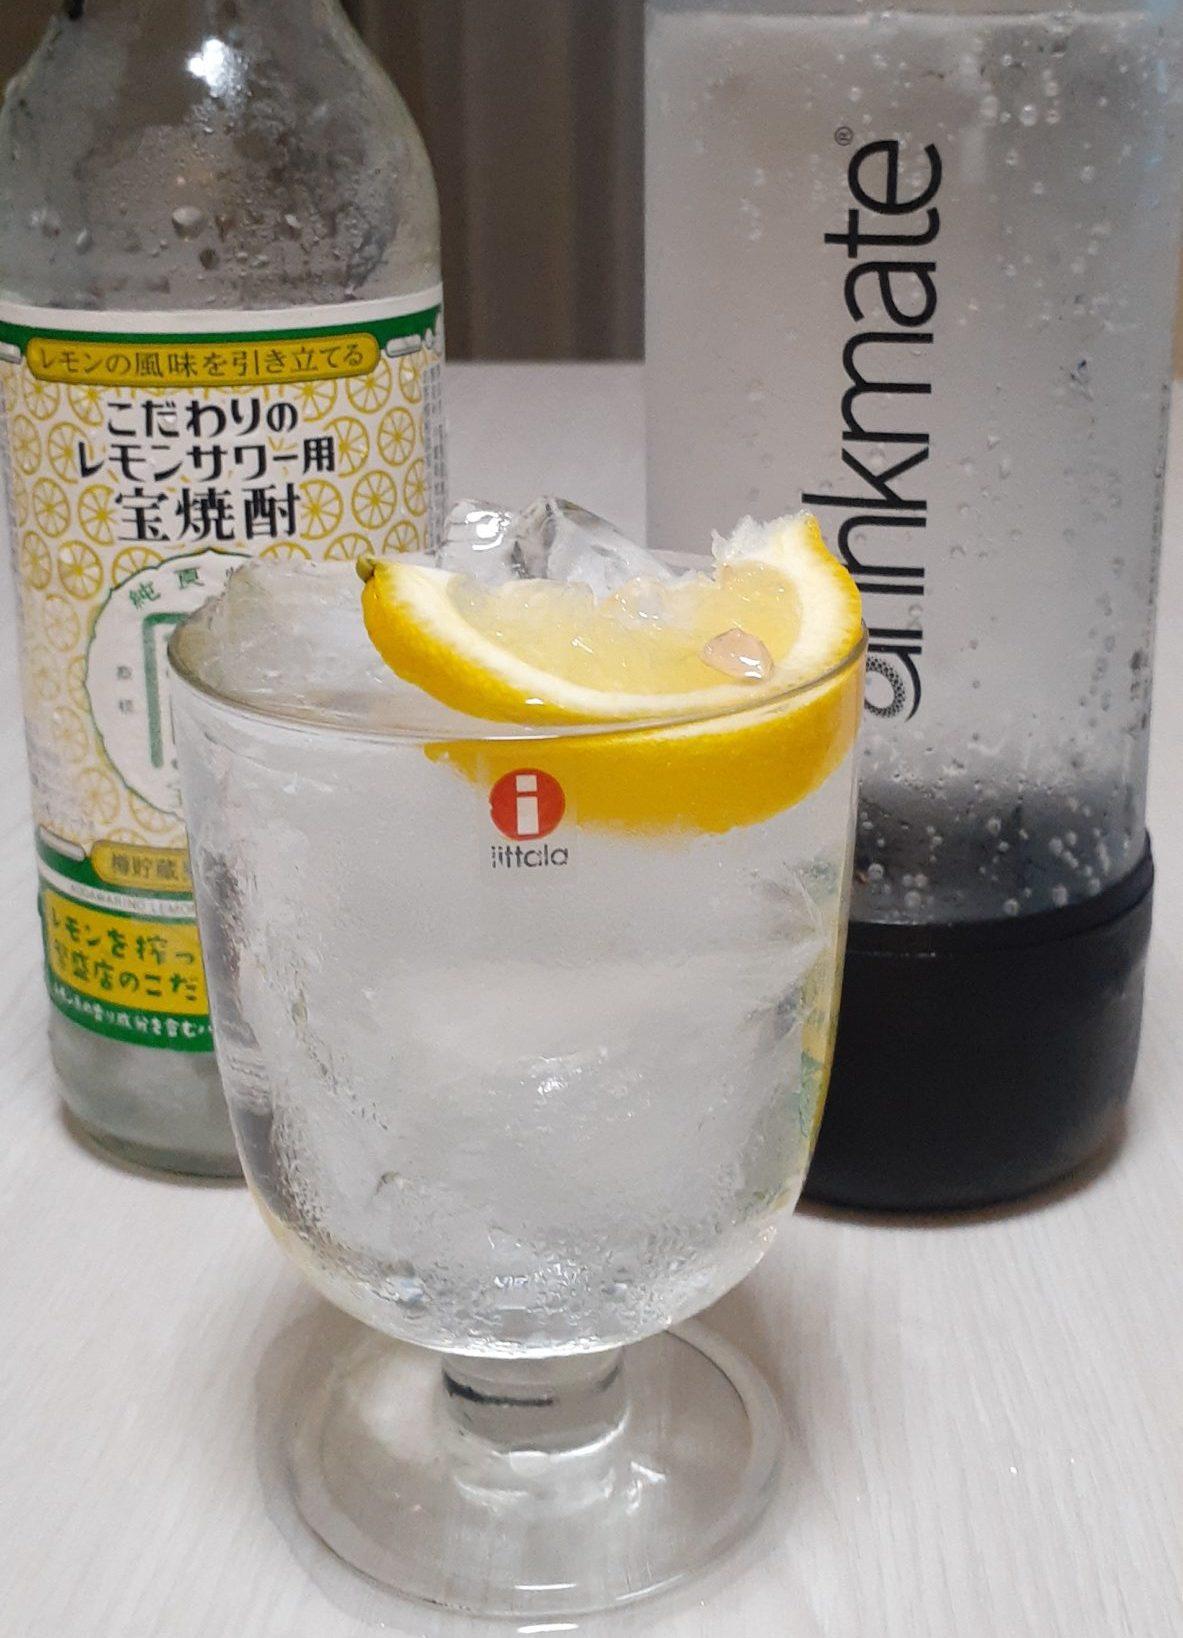 糖質ほぼゼロ!甘くない最高のレモンサワーの作り方!